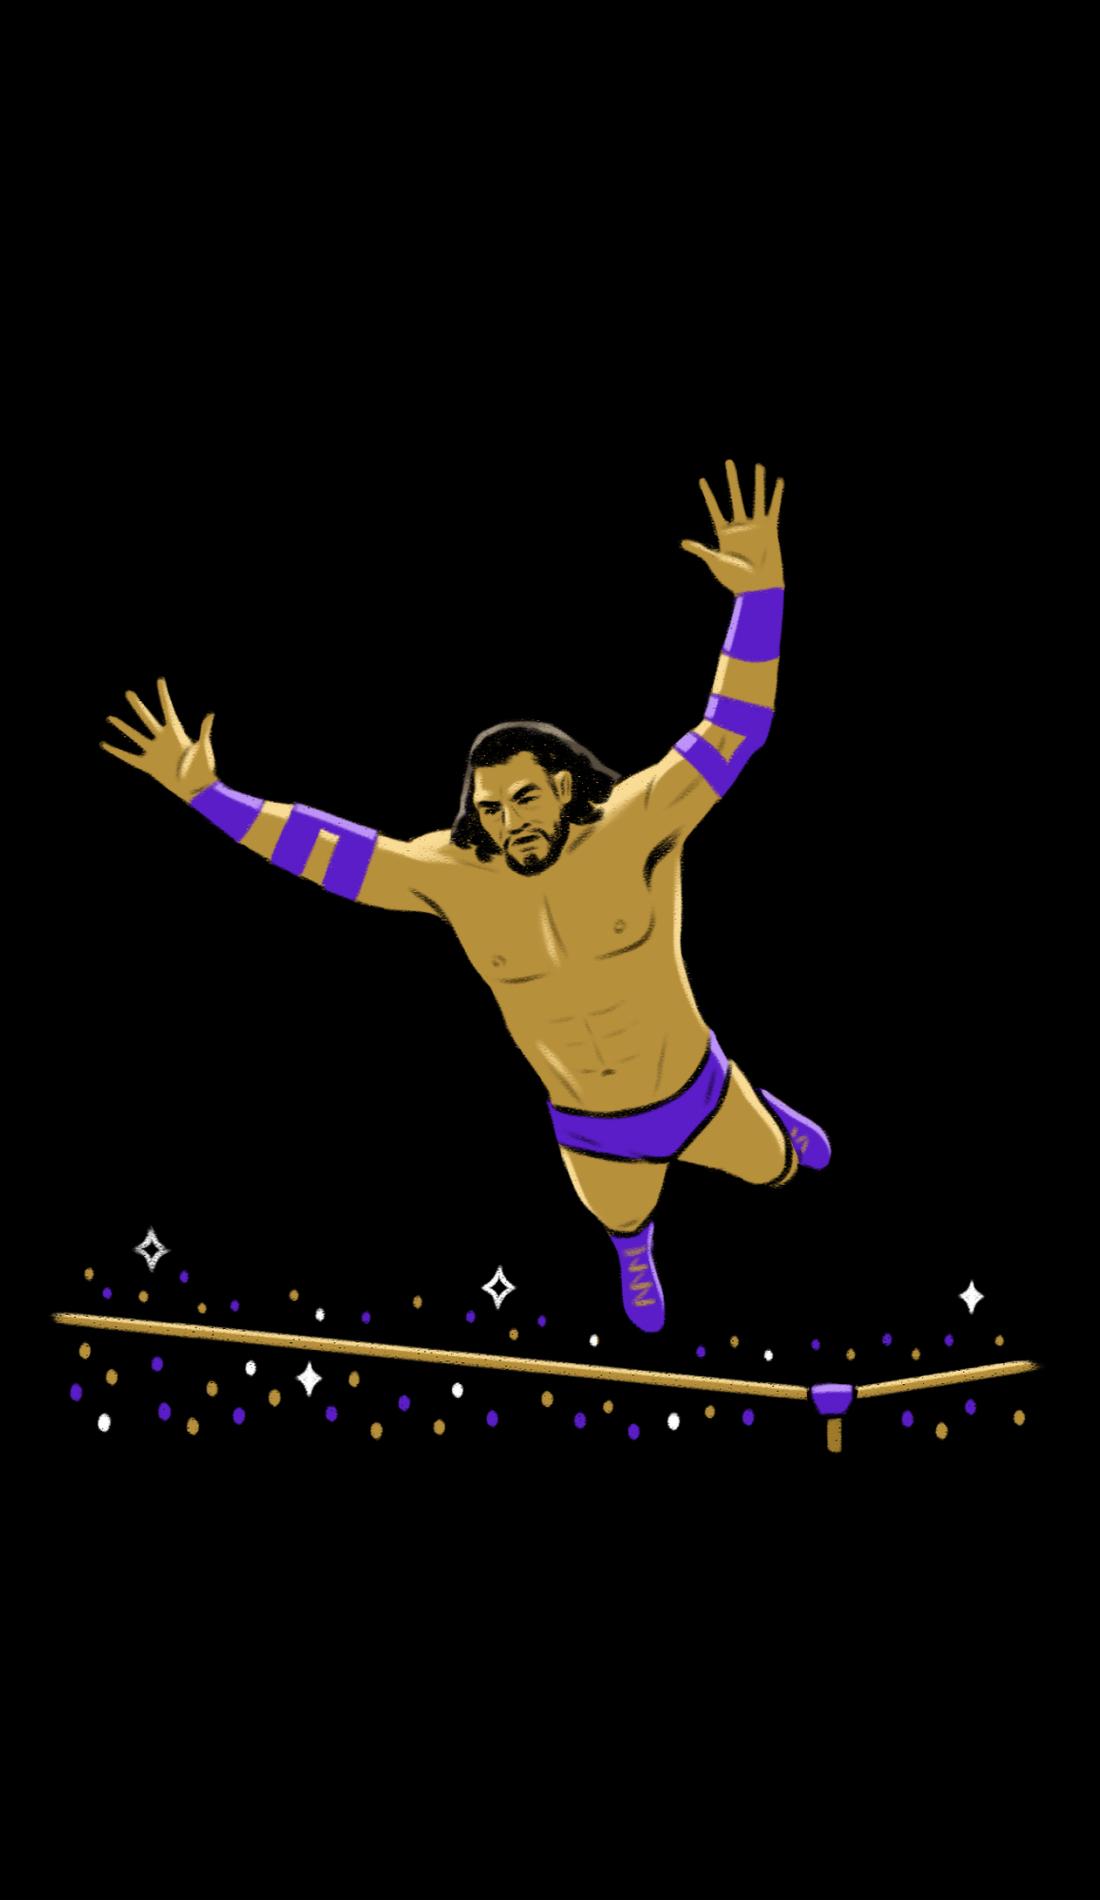 A WWE WrestleMania Axxess live event